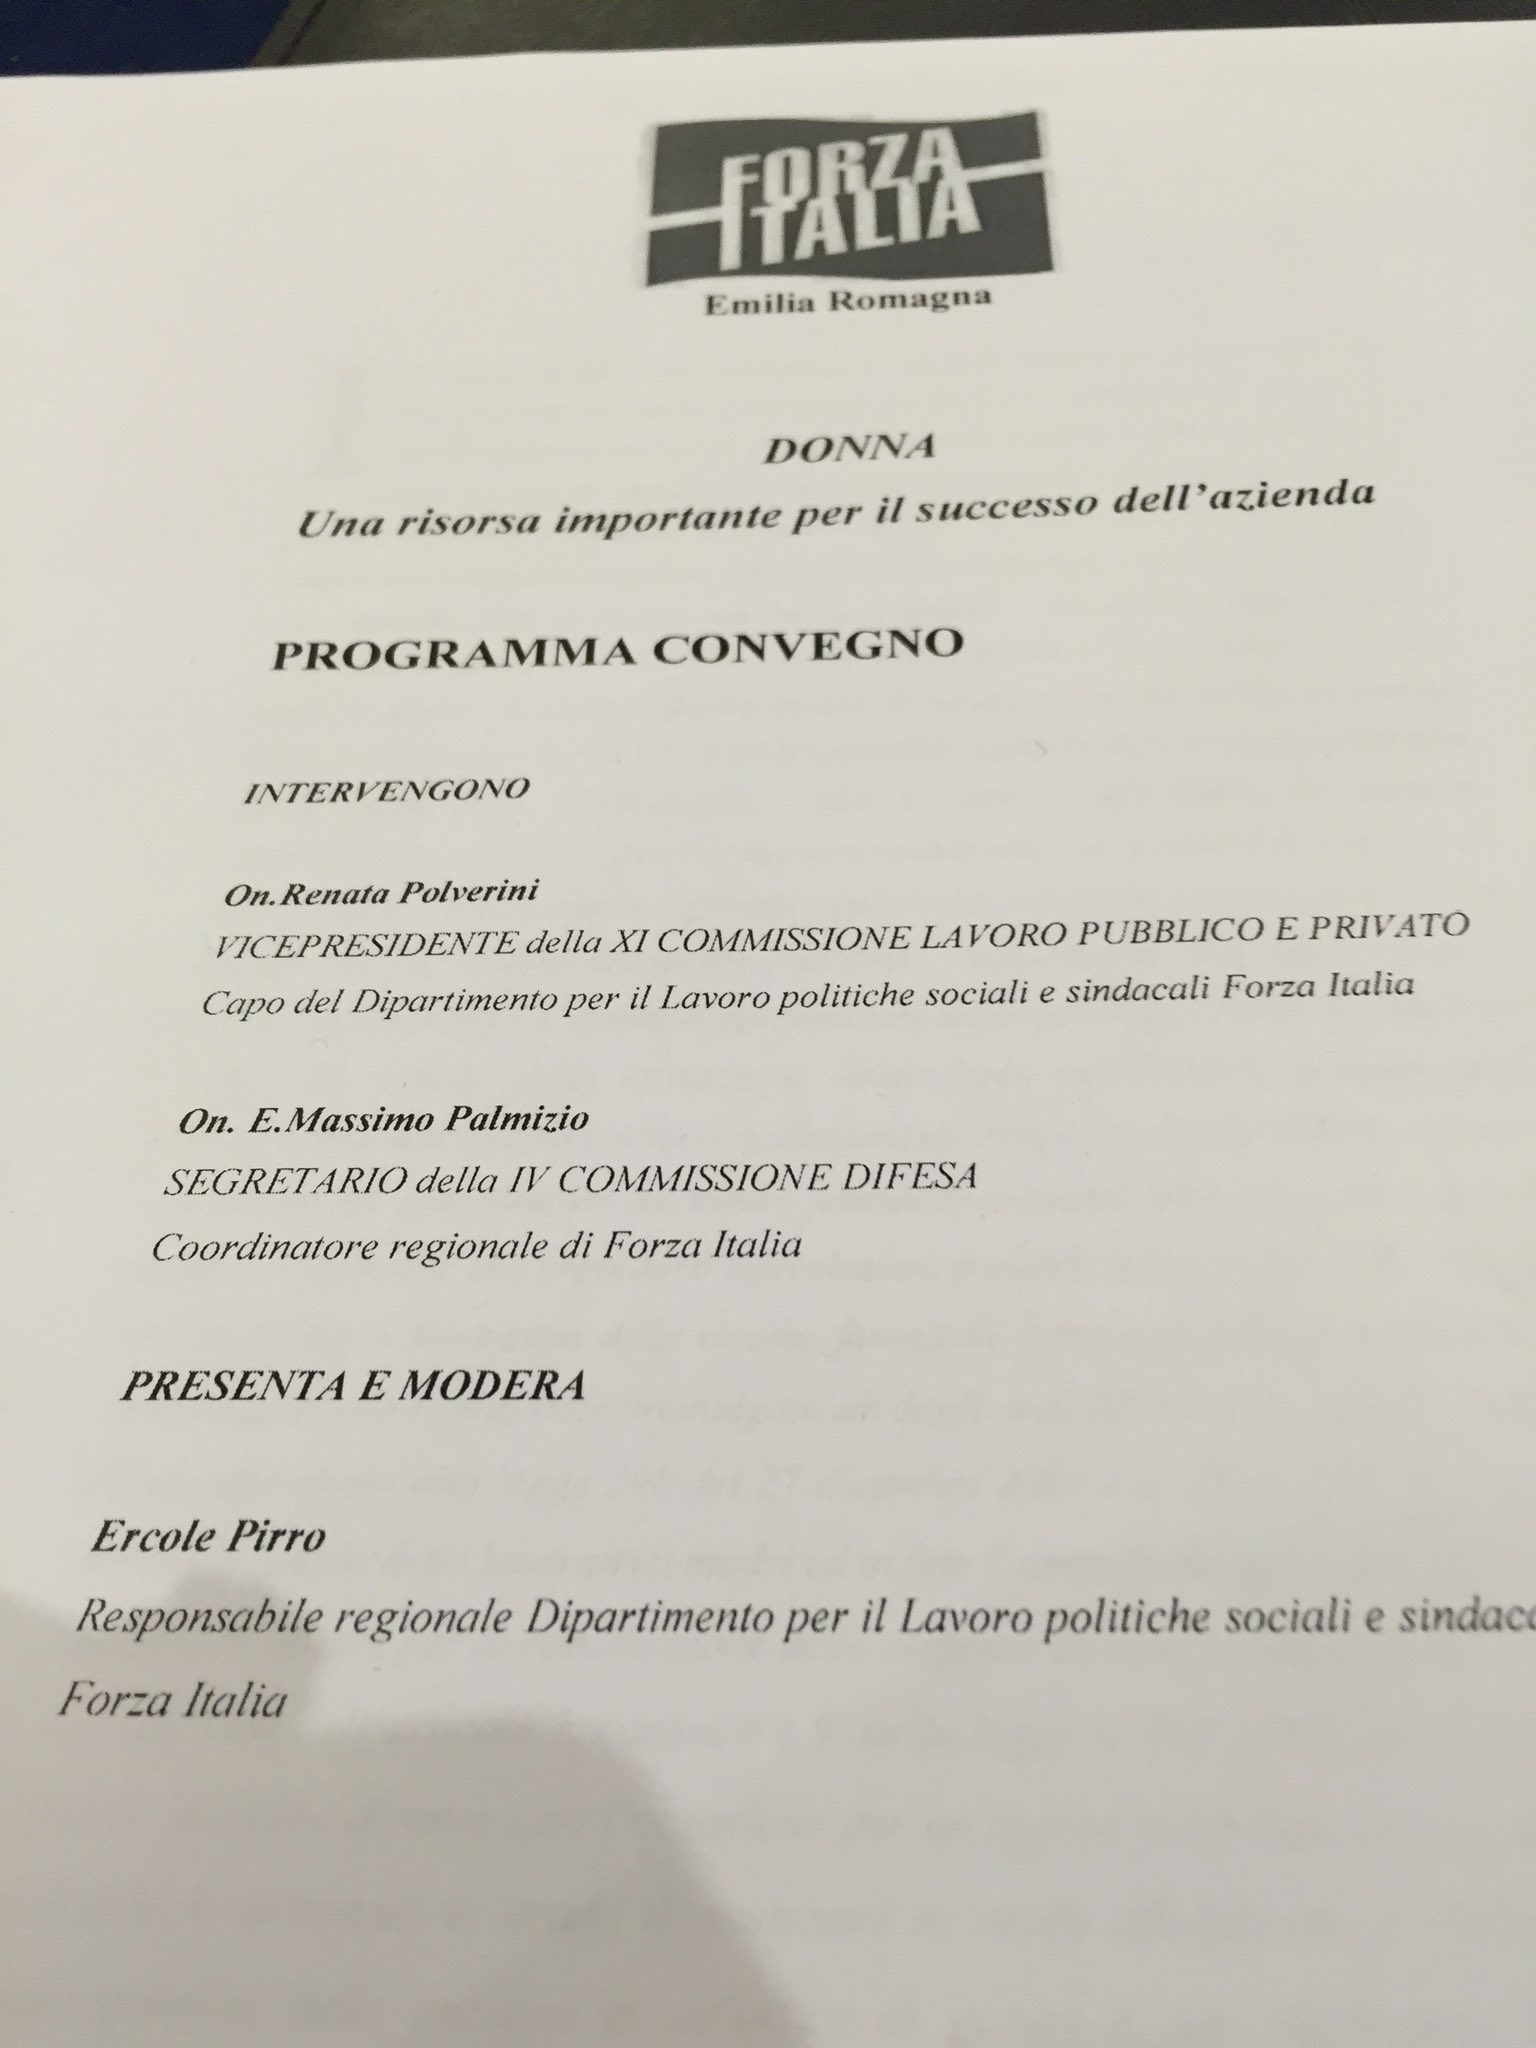 Renata polverini on twitter a bologna con ercole pirro e massimopalmizio per parlare di donne for Deputati forza italia